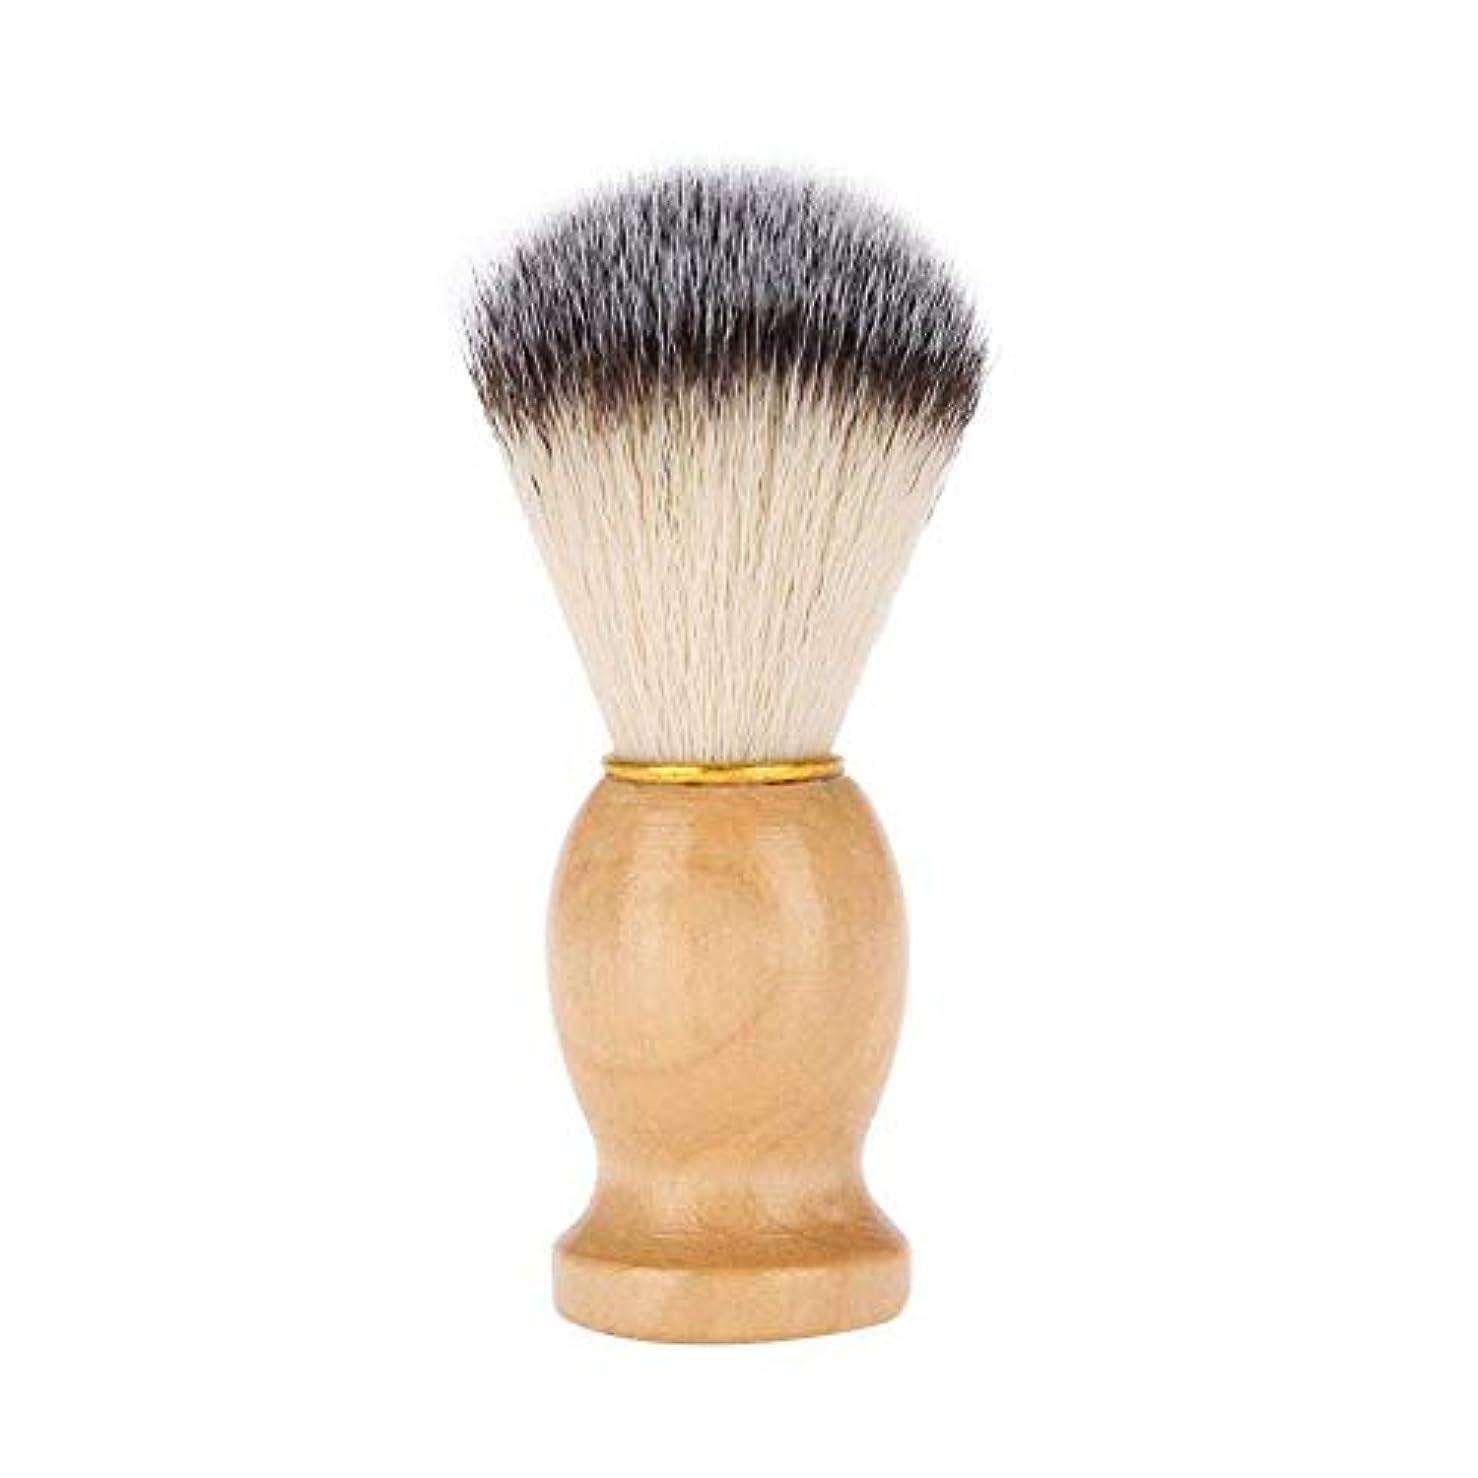 硬さエントリカートン毛髭ブラシと木製コ バガーヘア げブラシメンズシェービングブラシ シェービングブラシ